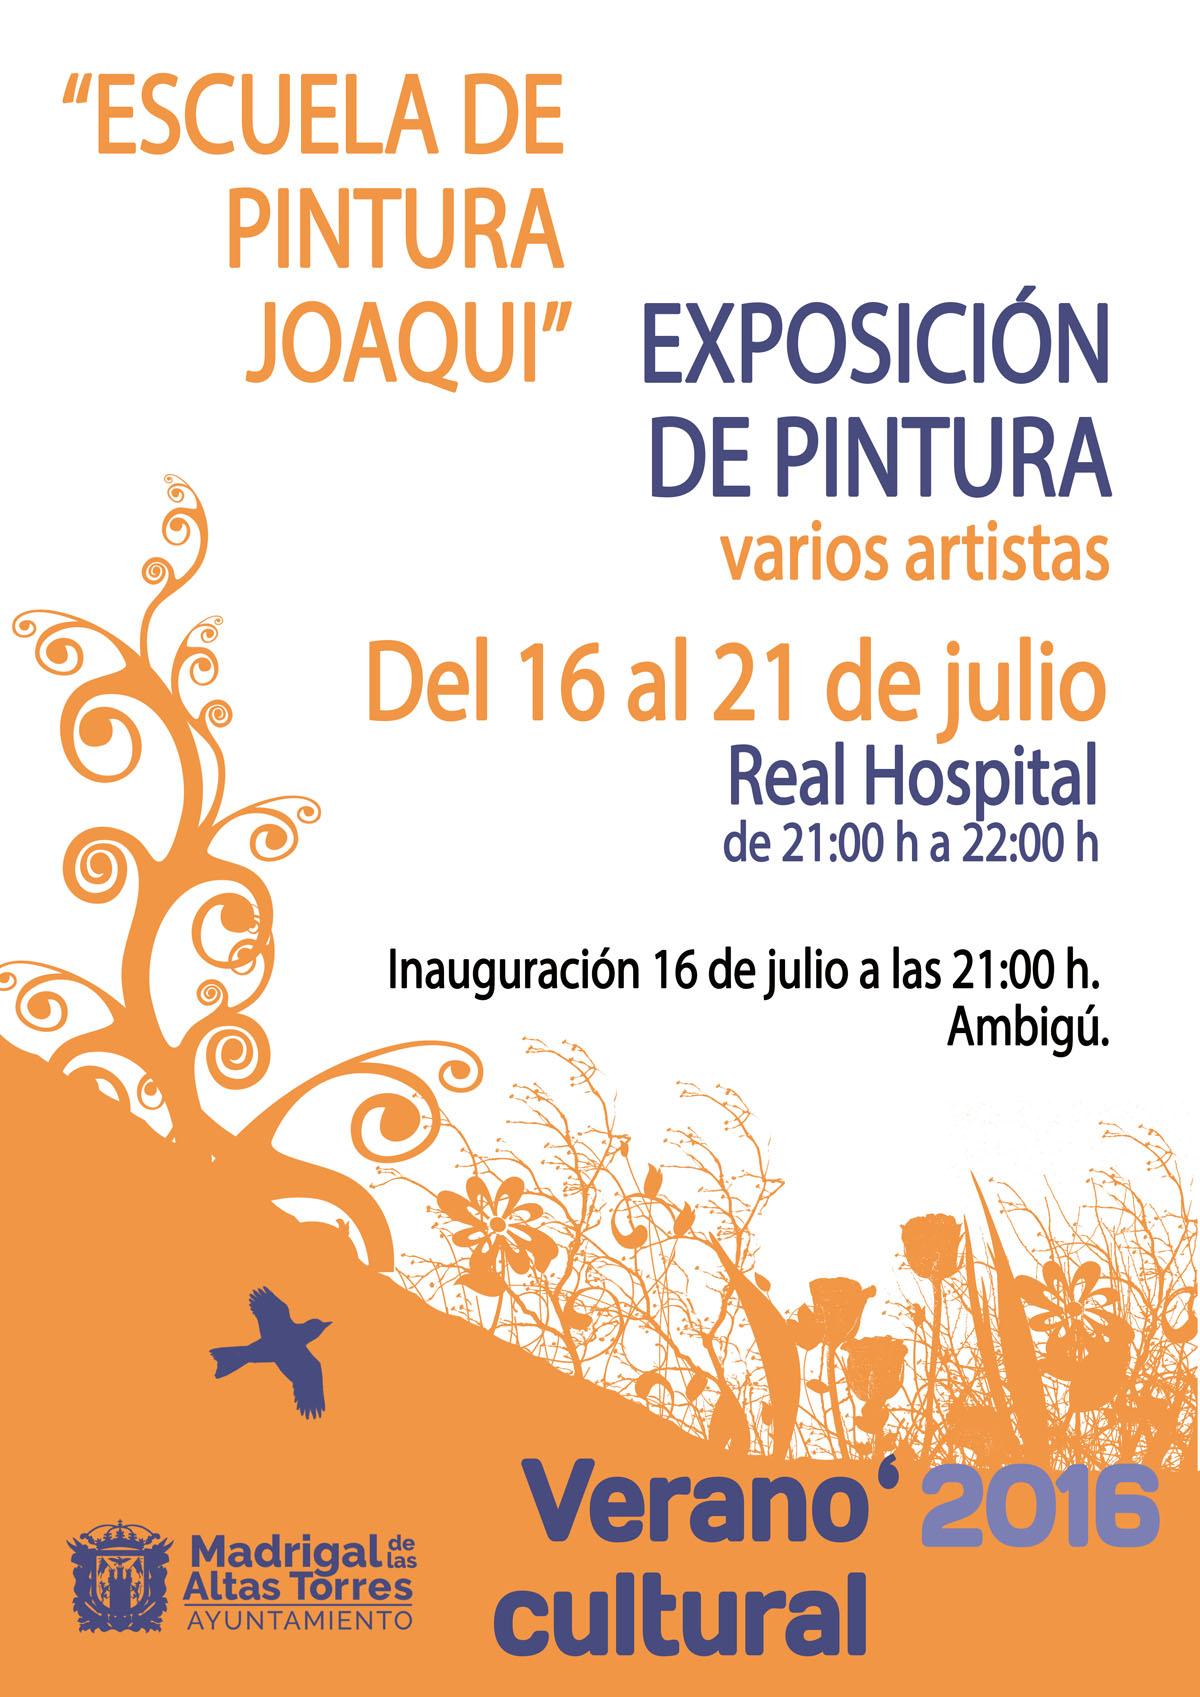 veranocultural2016EXPO3